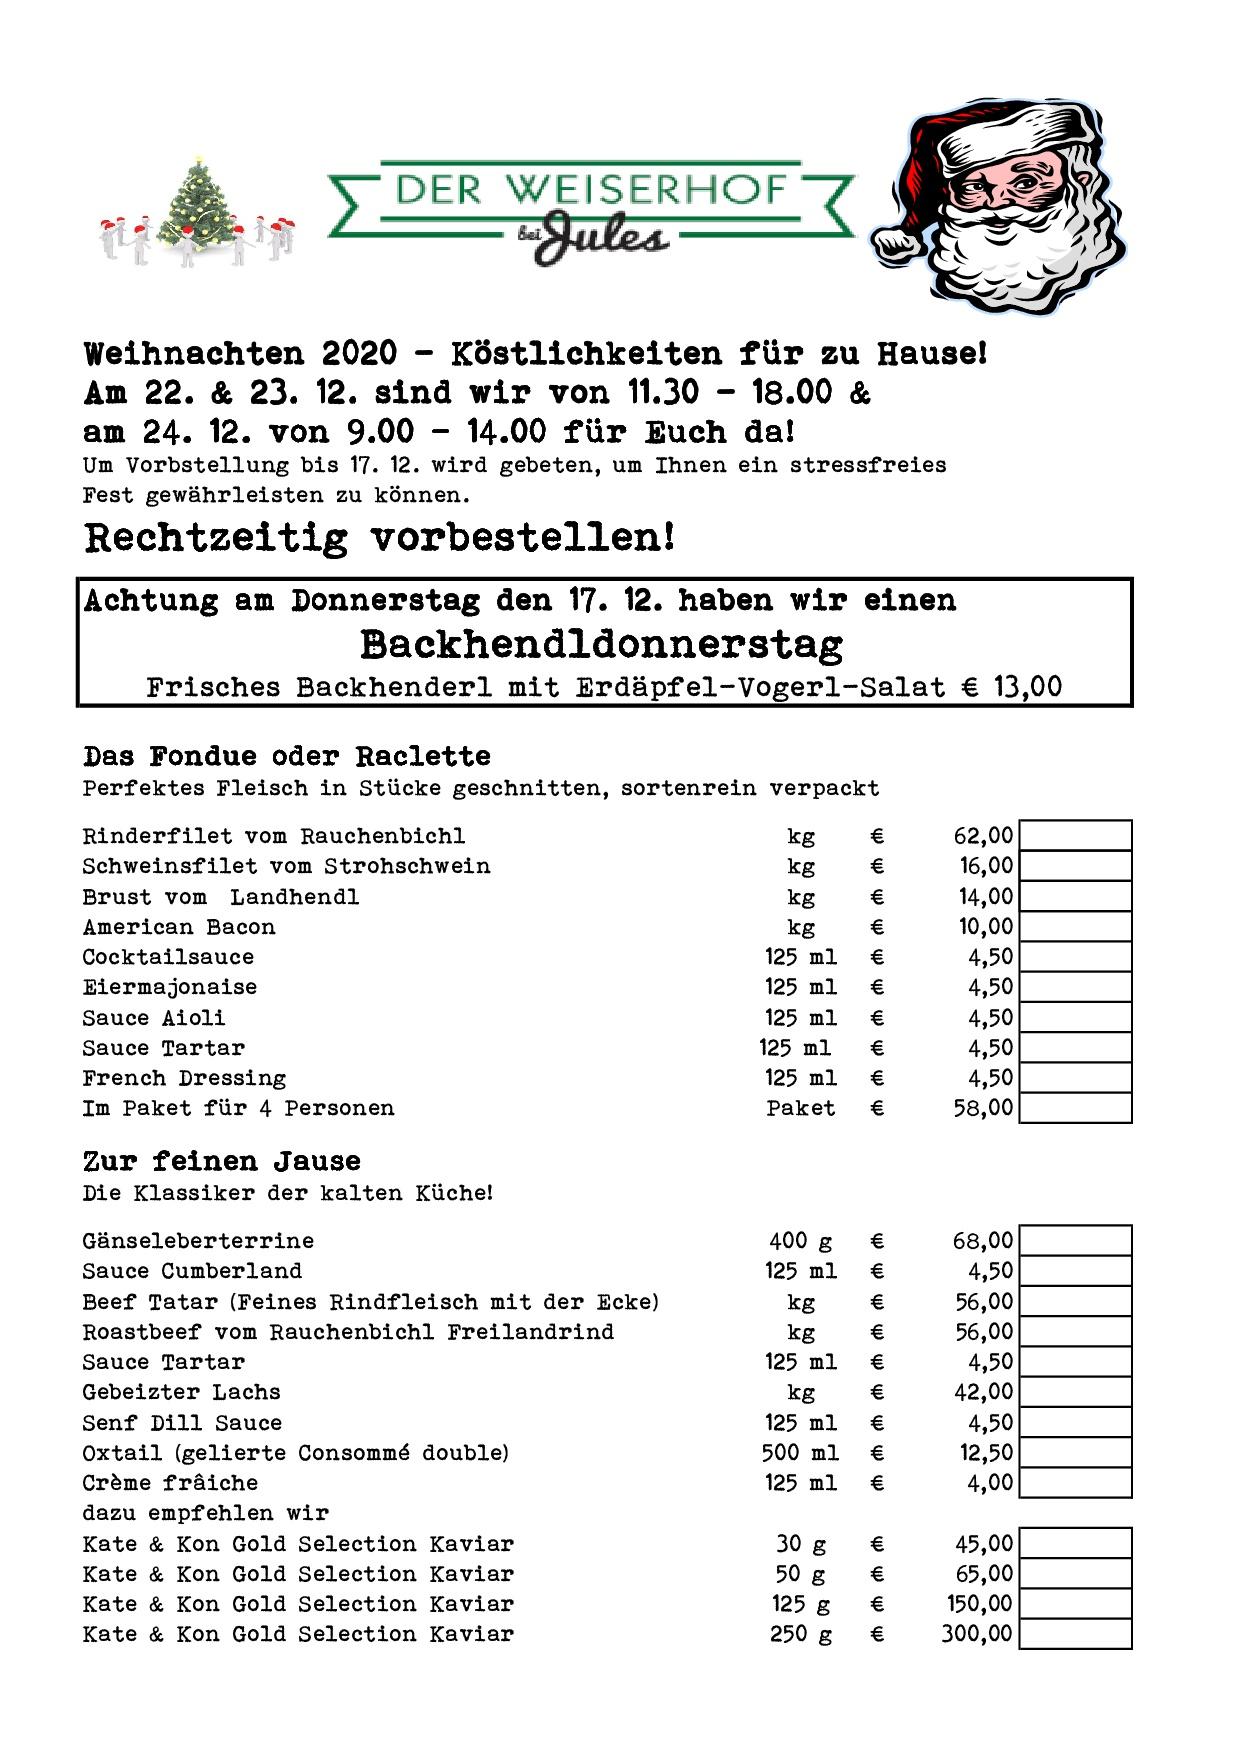 bestellliste-2020-001